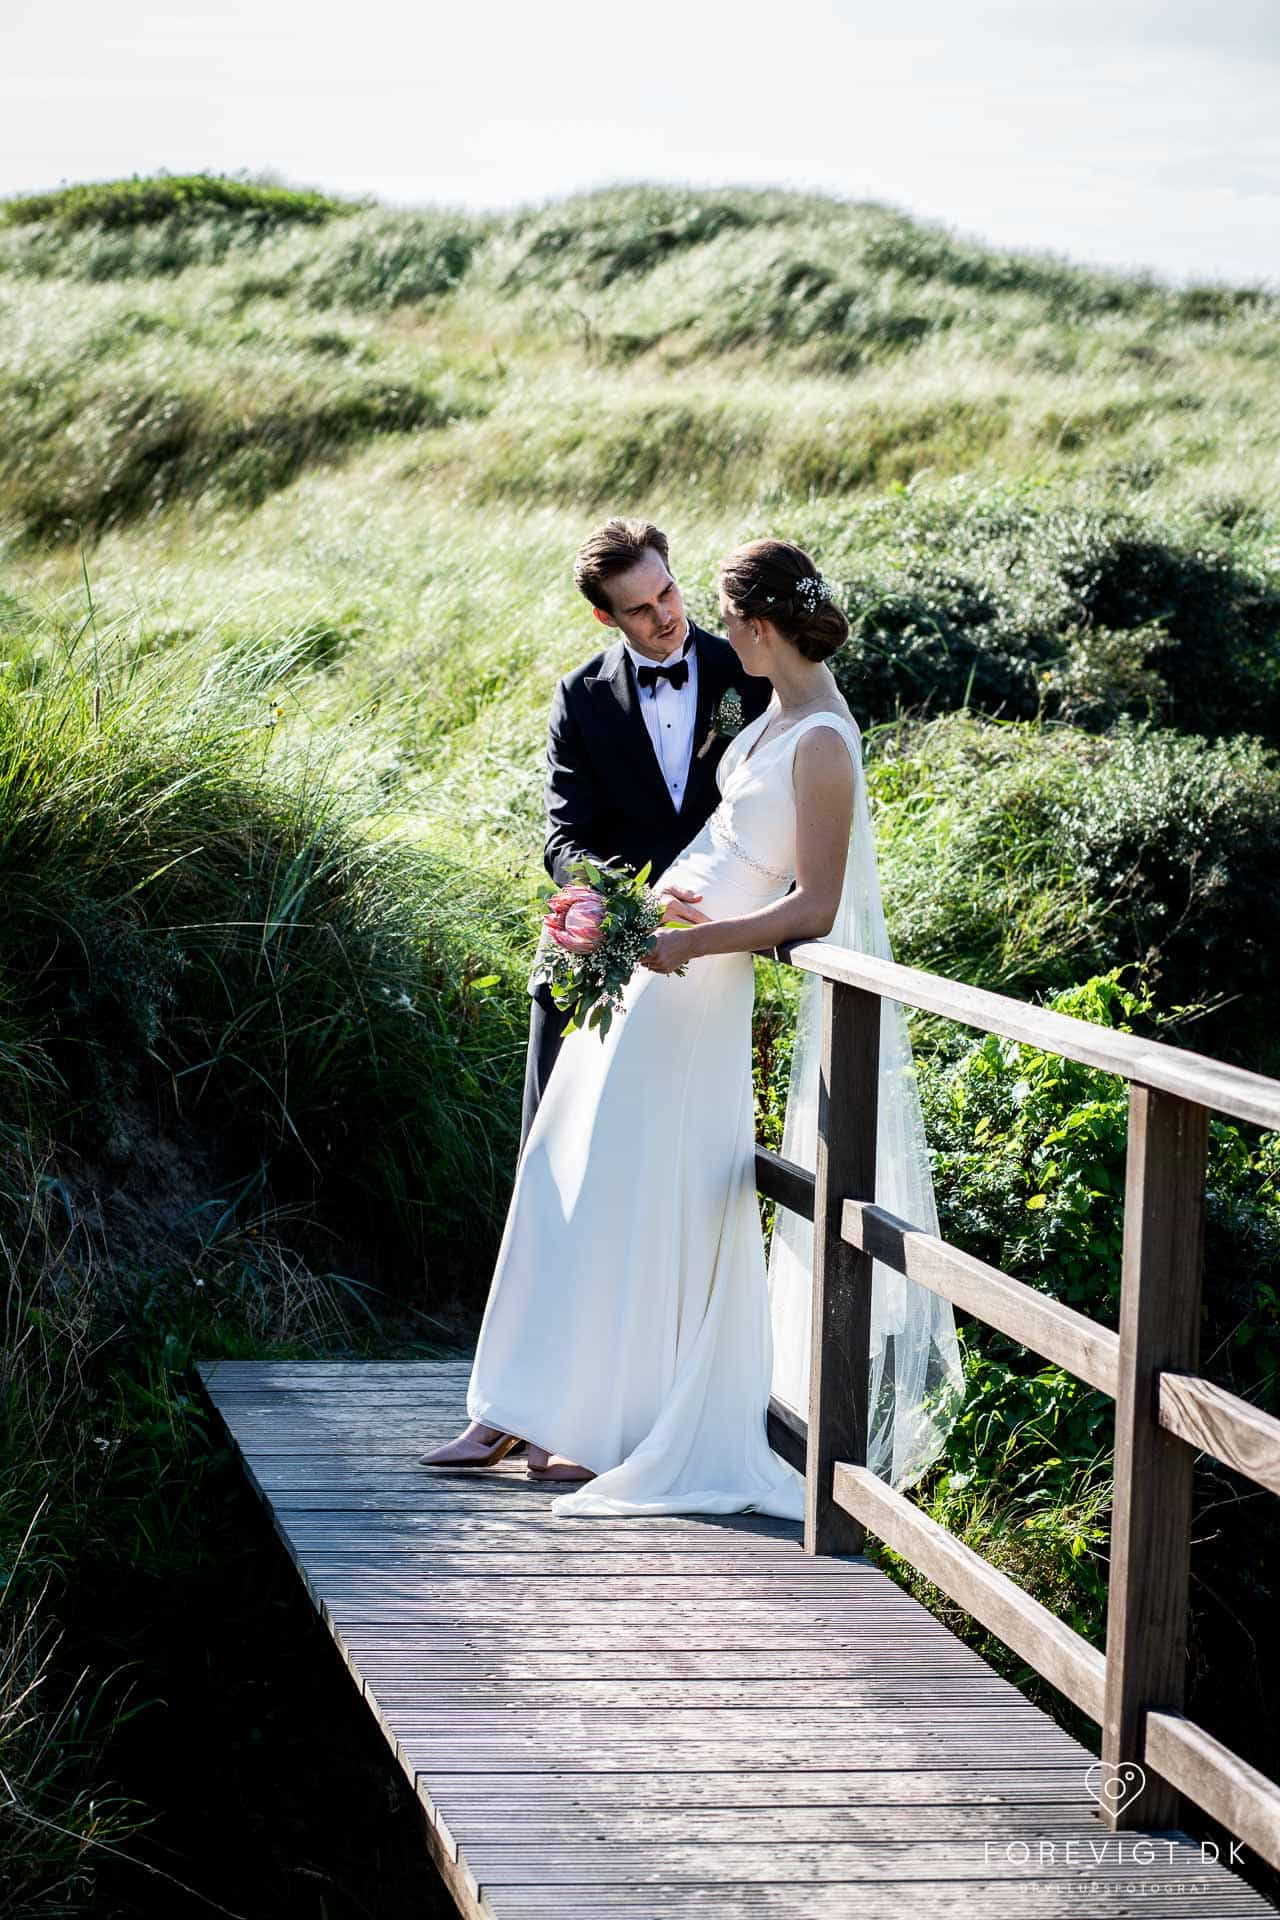 Bryllup i Aalborg - Hold jeres bryllup i Nordjylland